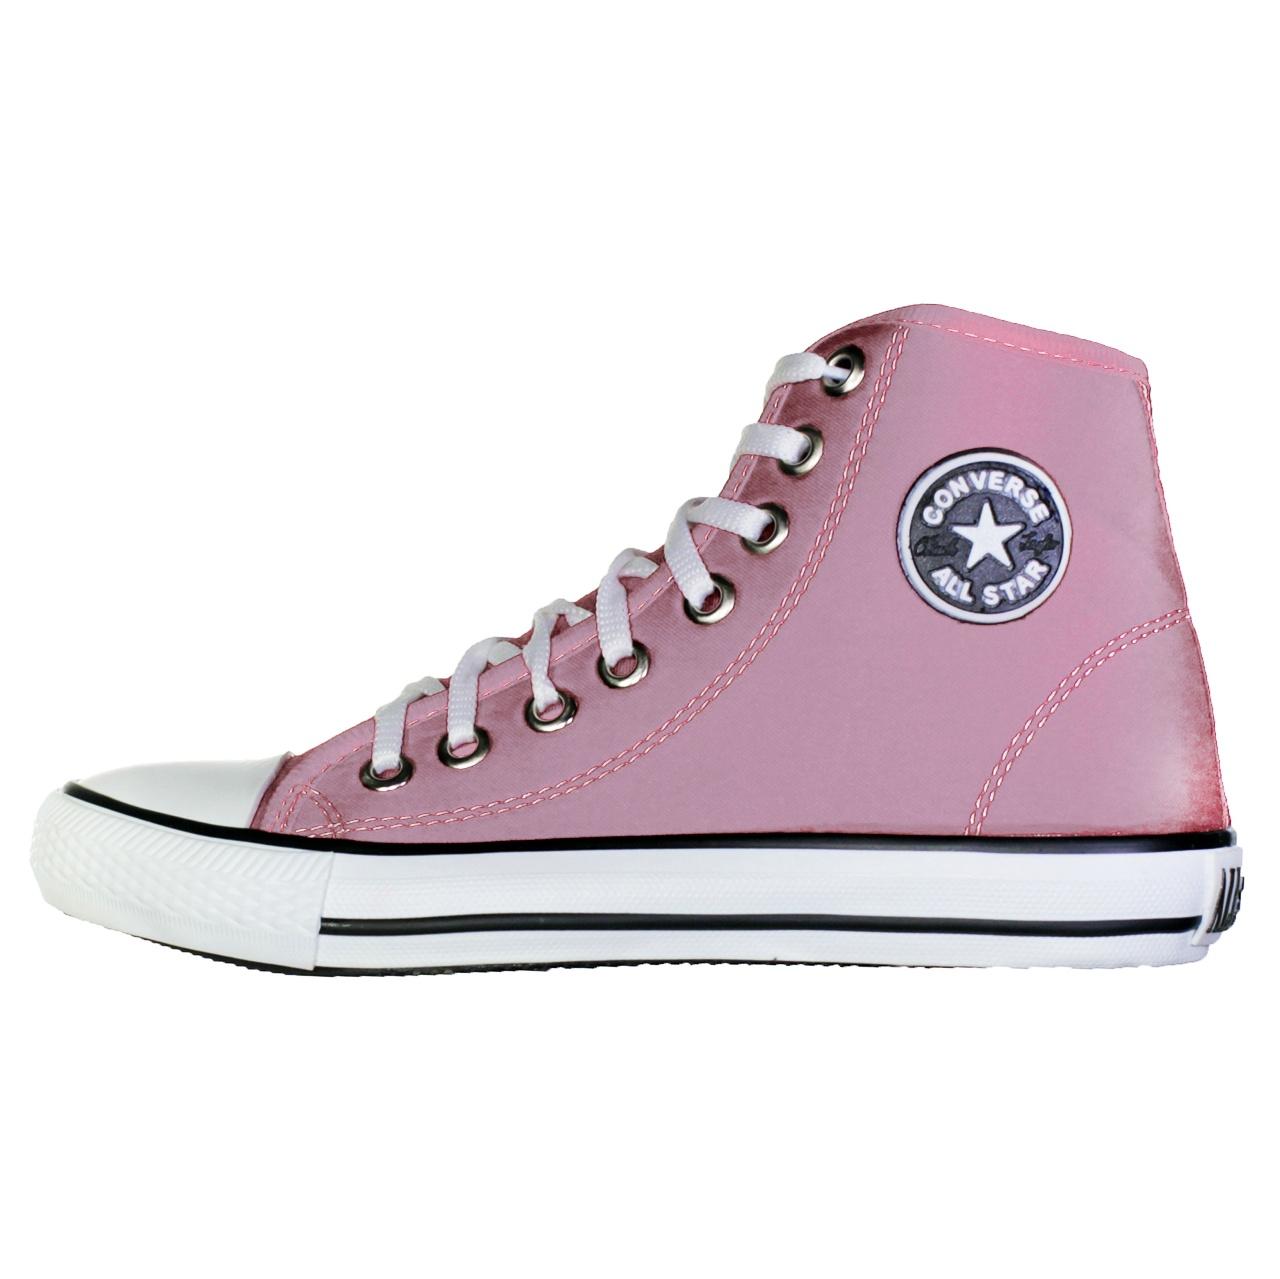 کفش مخصوص پیاده روی زنانه مدل Andrew کد 07